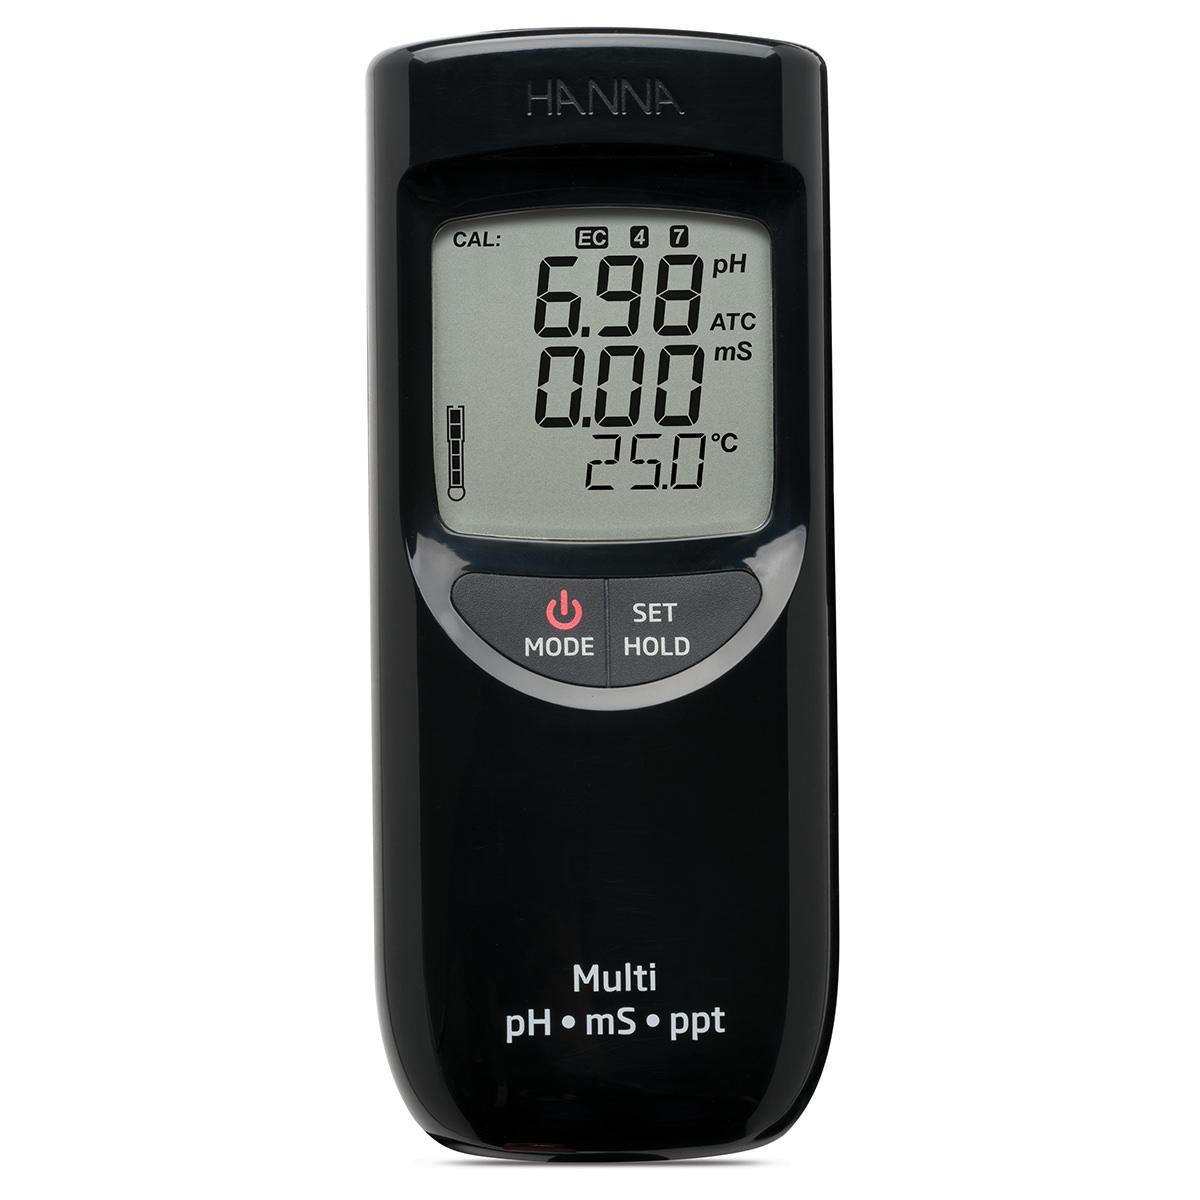 Misuratore portatile di pH/EC/TDS a tenuta stagna (Scala alta) - HI991301